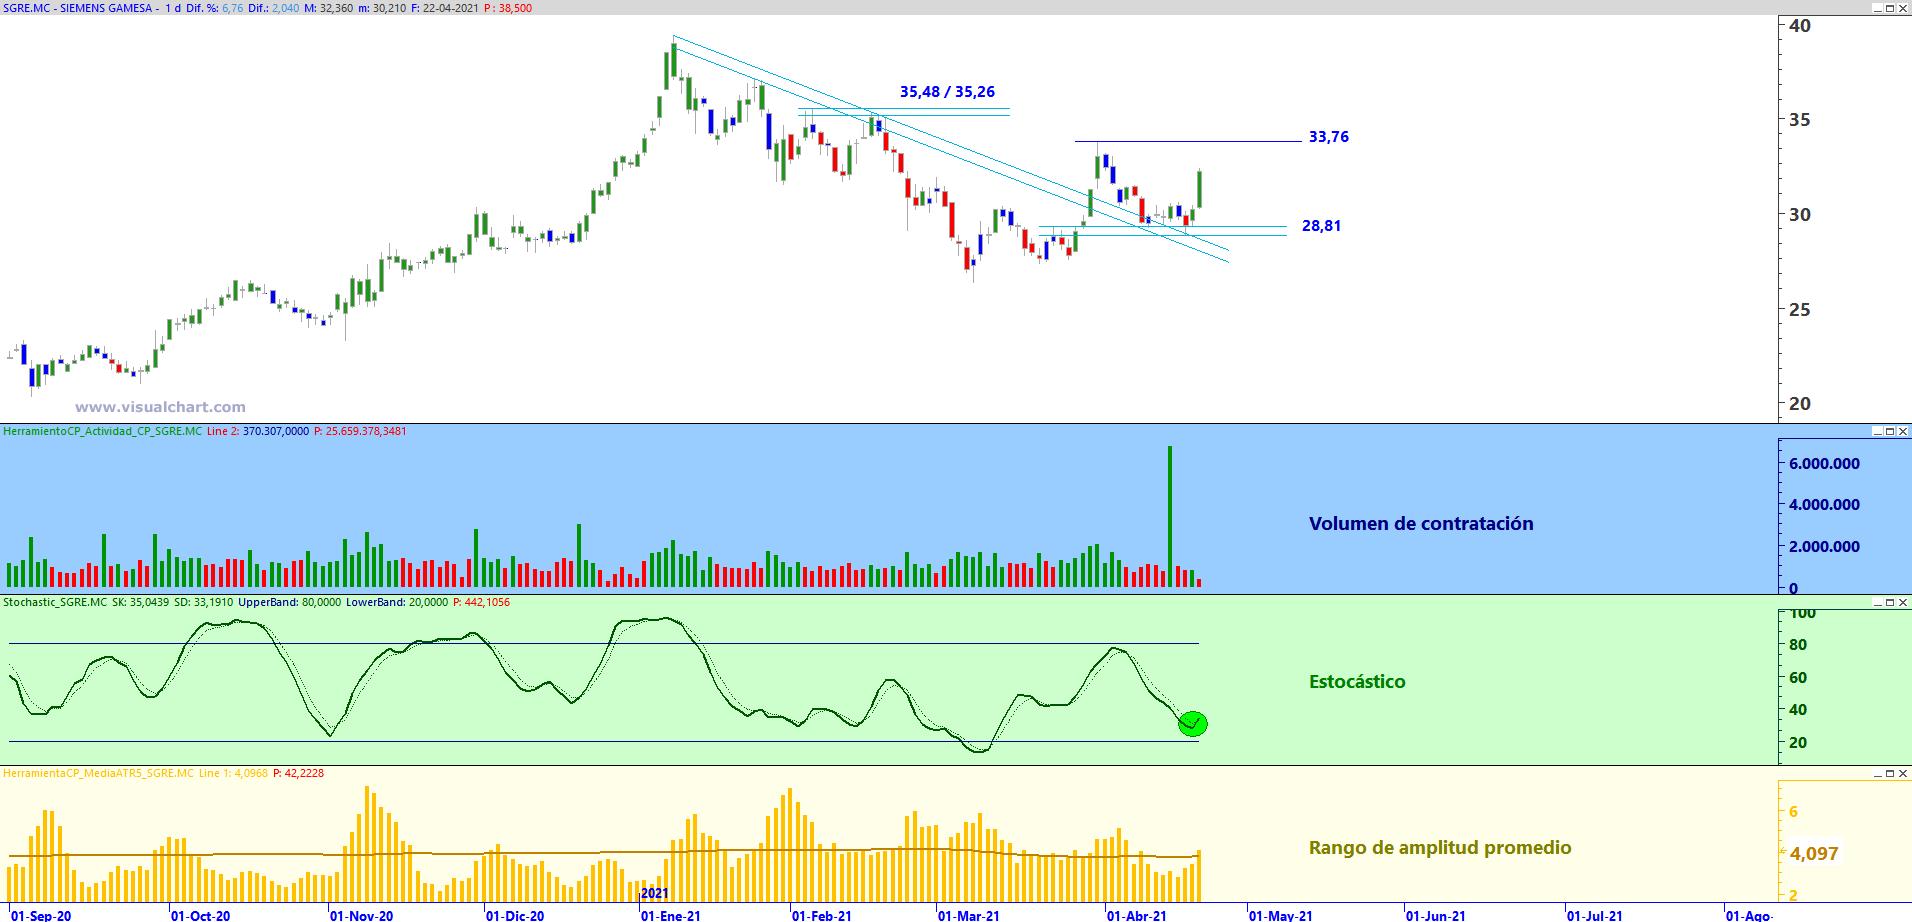 Gráfico diario de Siemens Gamesa con plantilla de análisis de Zona de Trading